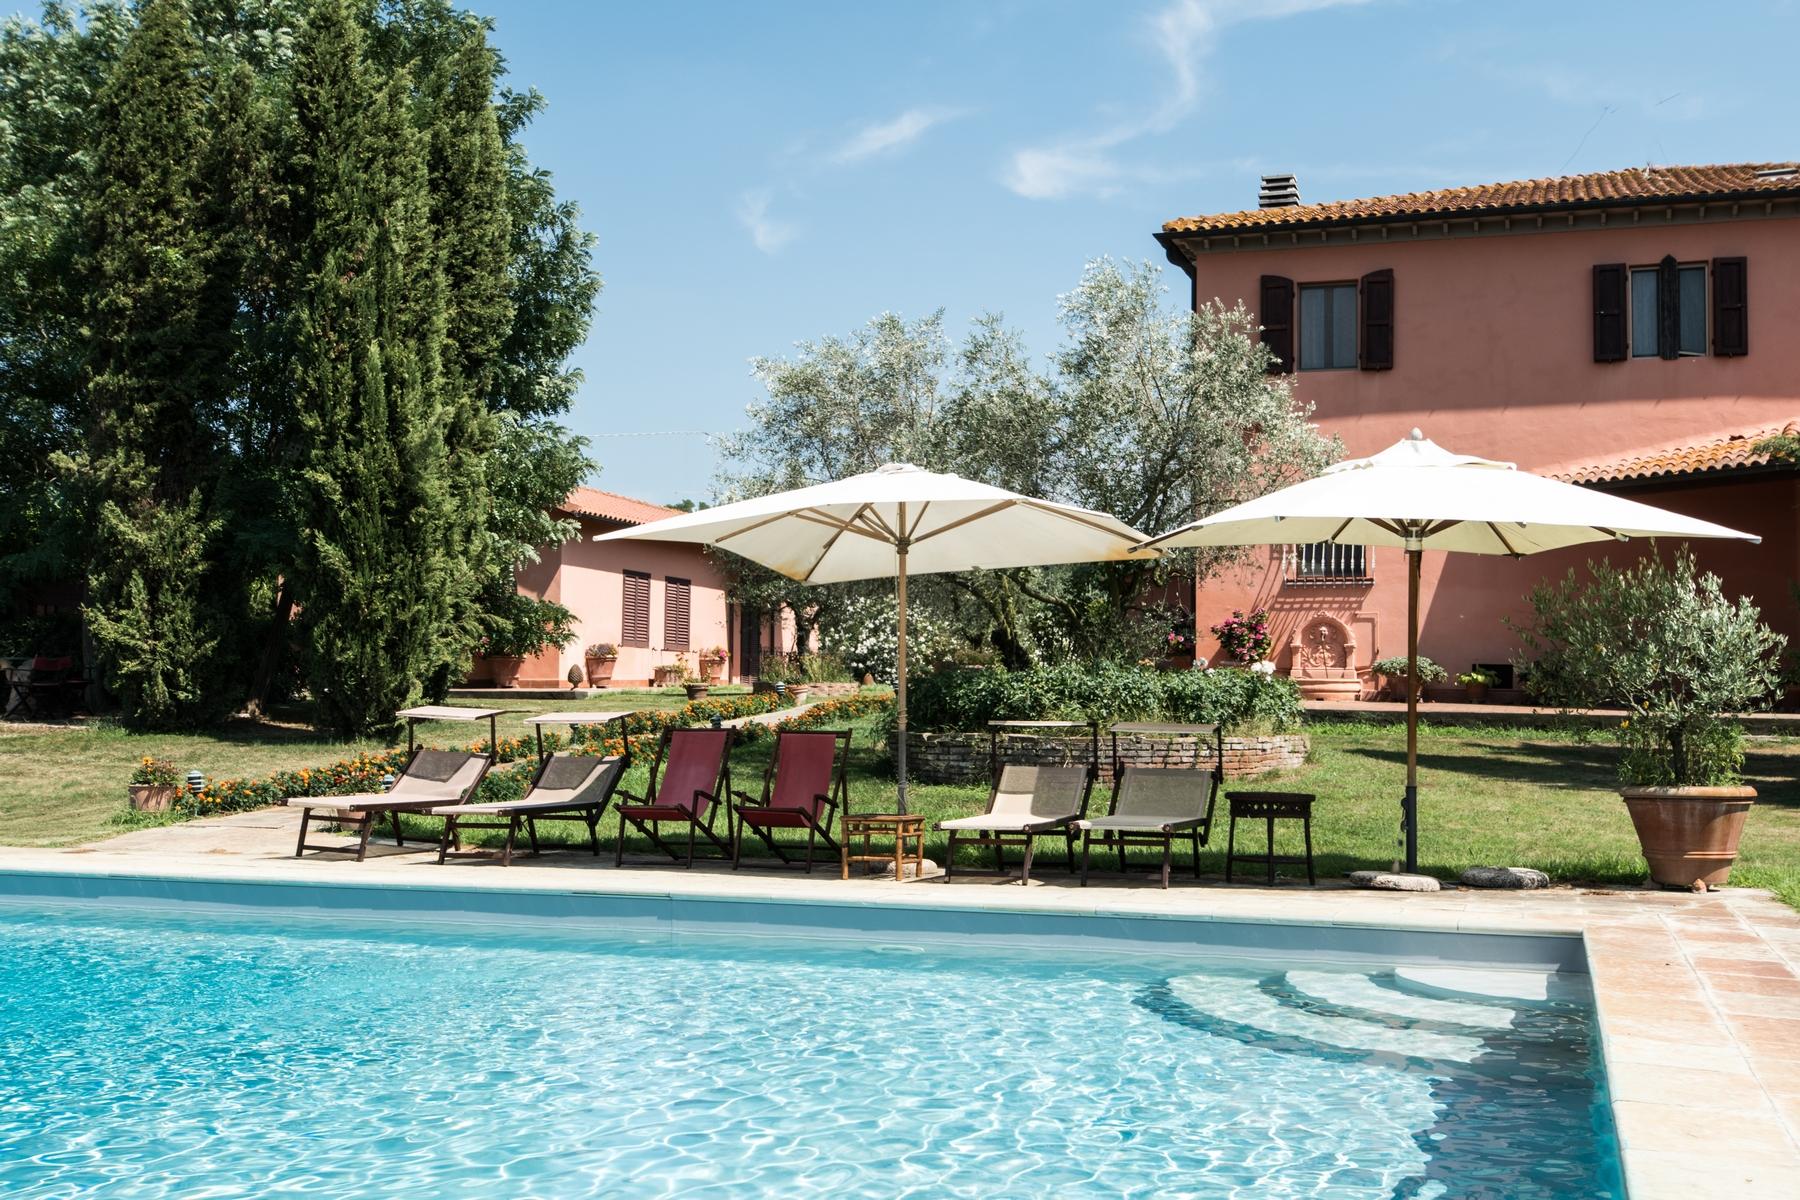 Villa in Vendita a Crespina: 5 locali, 354 mq - Foto 2